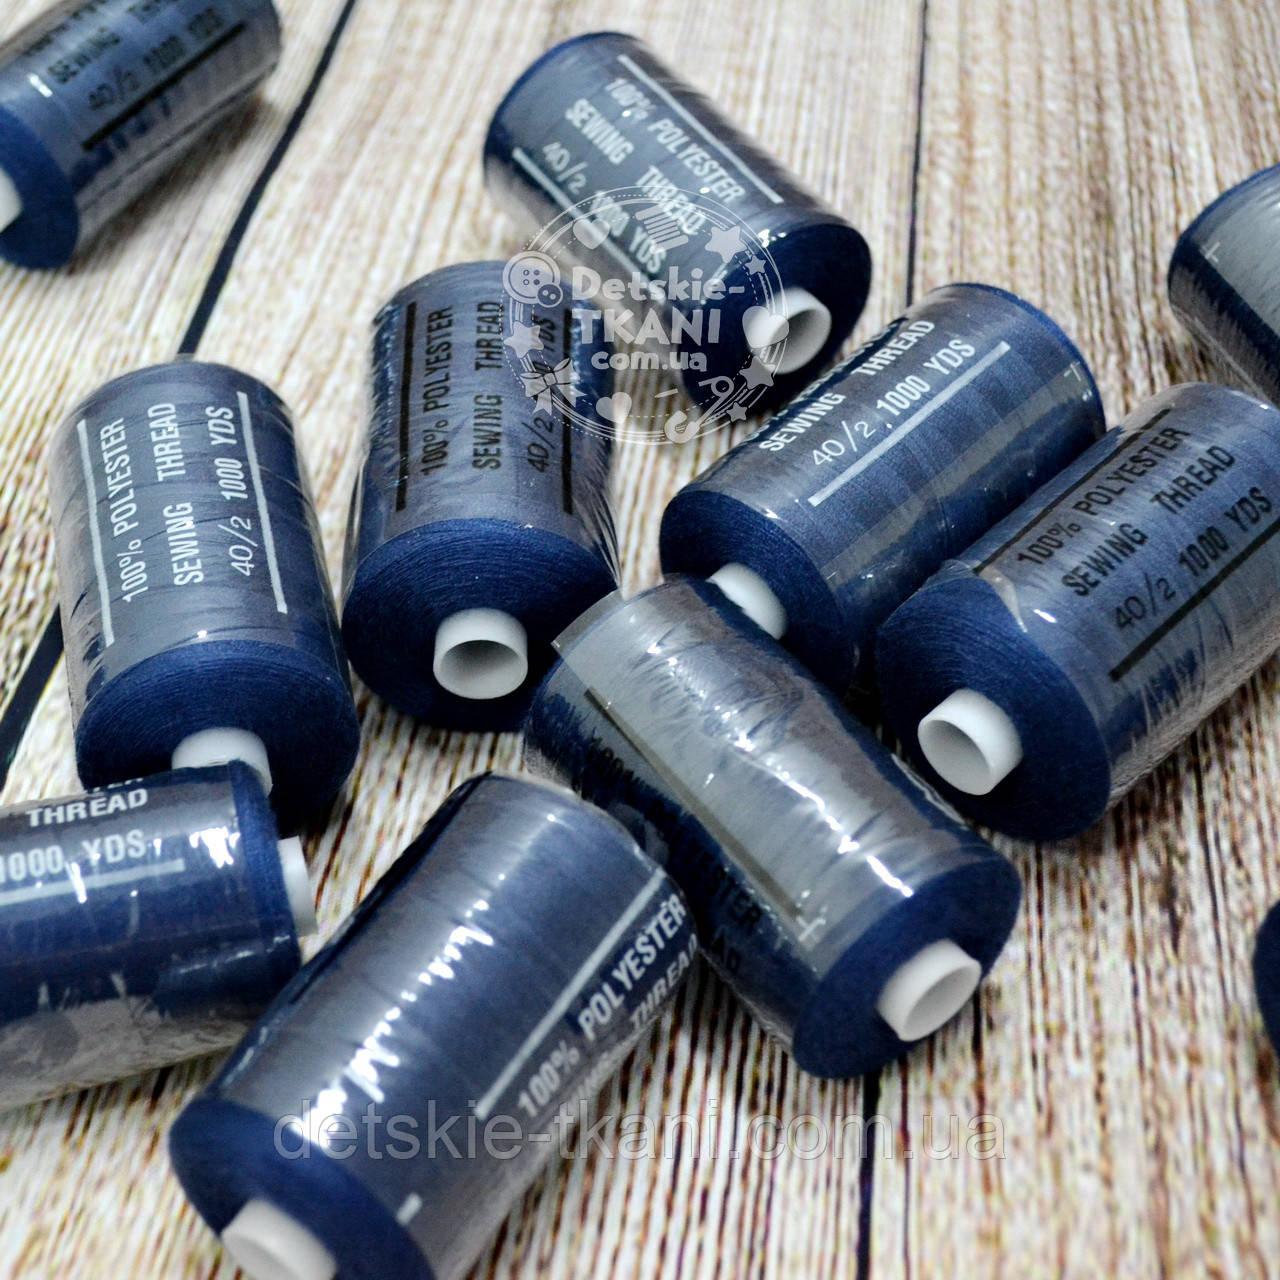 Нитки швейные 40/2, 1000 ярдов, цвет сине-чёрный (№226)